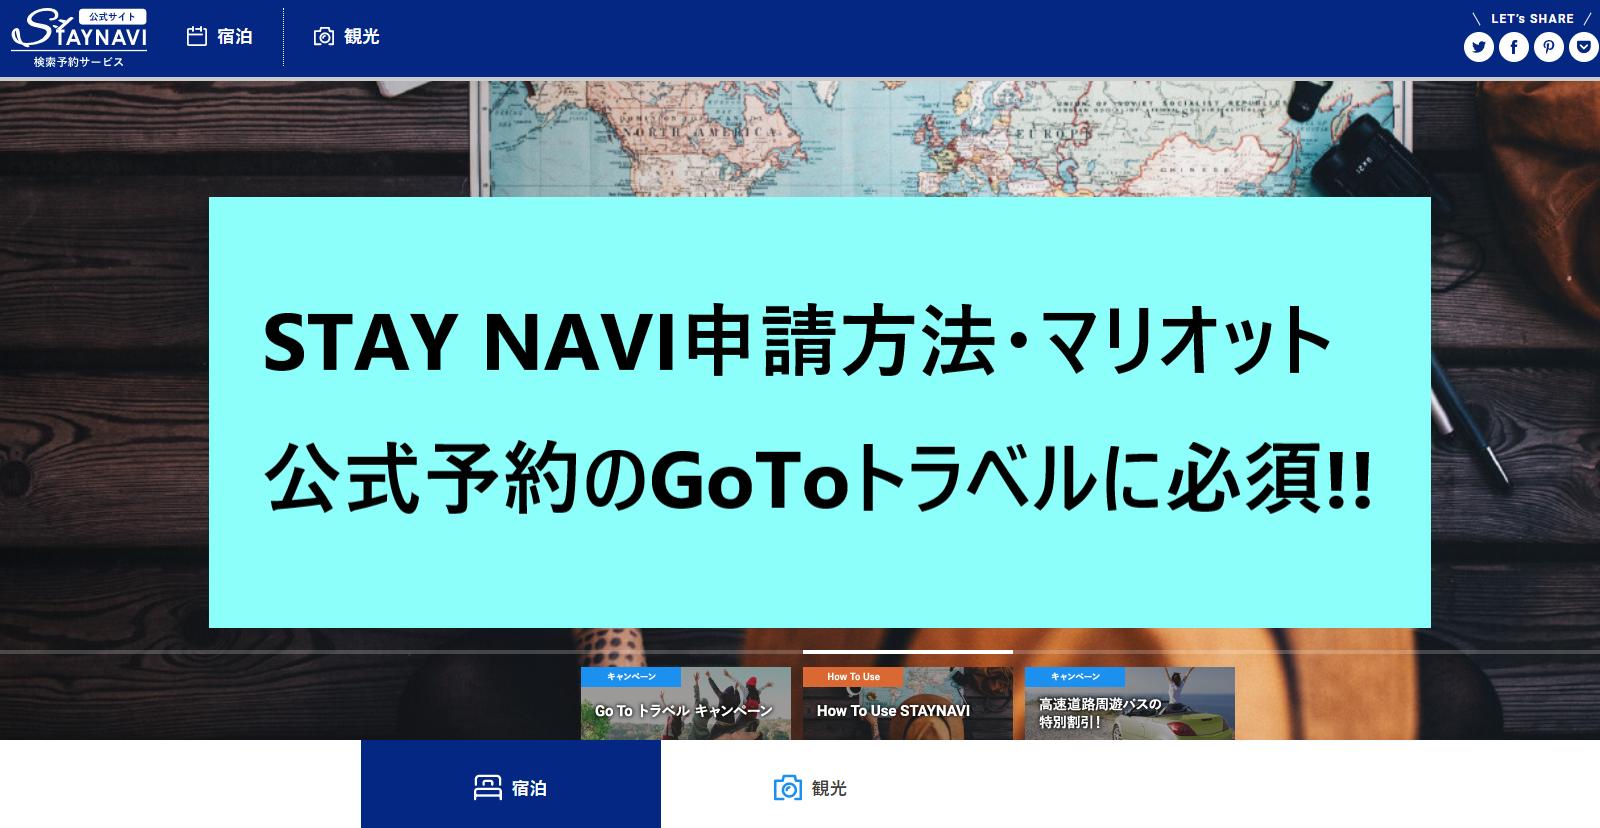 マリオット公式GoToトラベル還元にSTAYNAVI申請は必須です